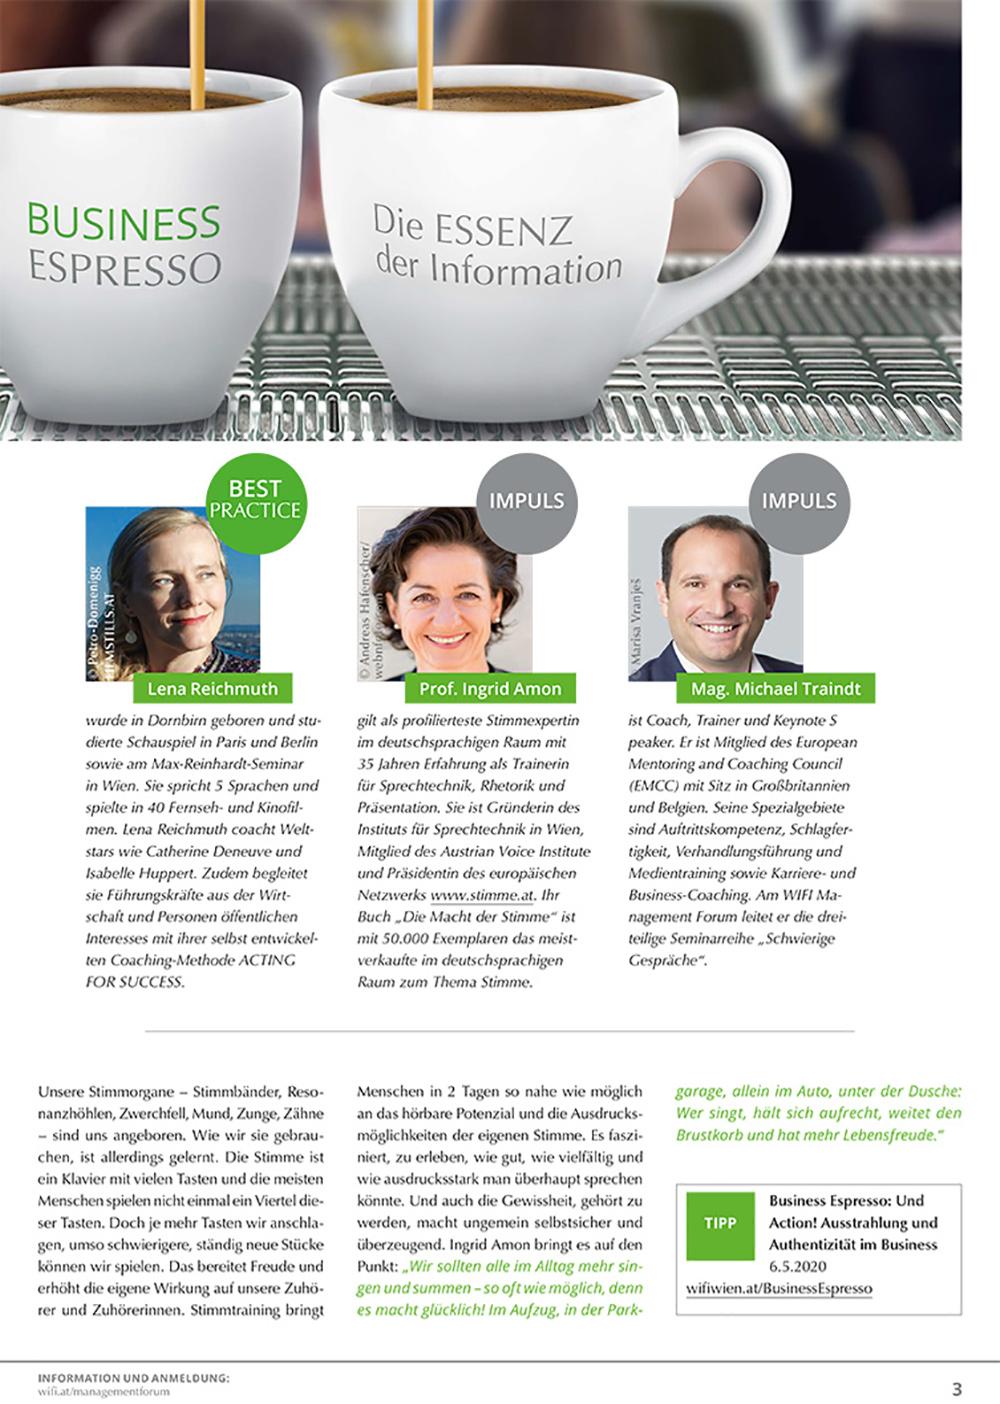 """ACTING FOR SUCCESS by Lena Reichmuth - """"IHR AUFTRITT BITTE -Denkanstöße für mehr Authentizität im Business"""""""